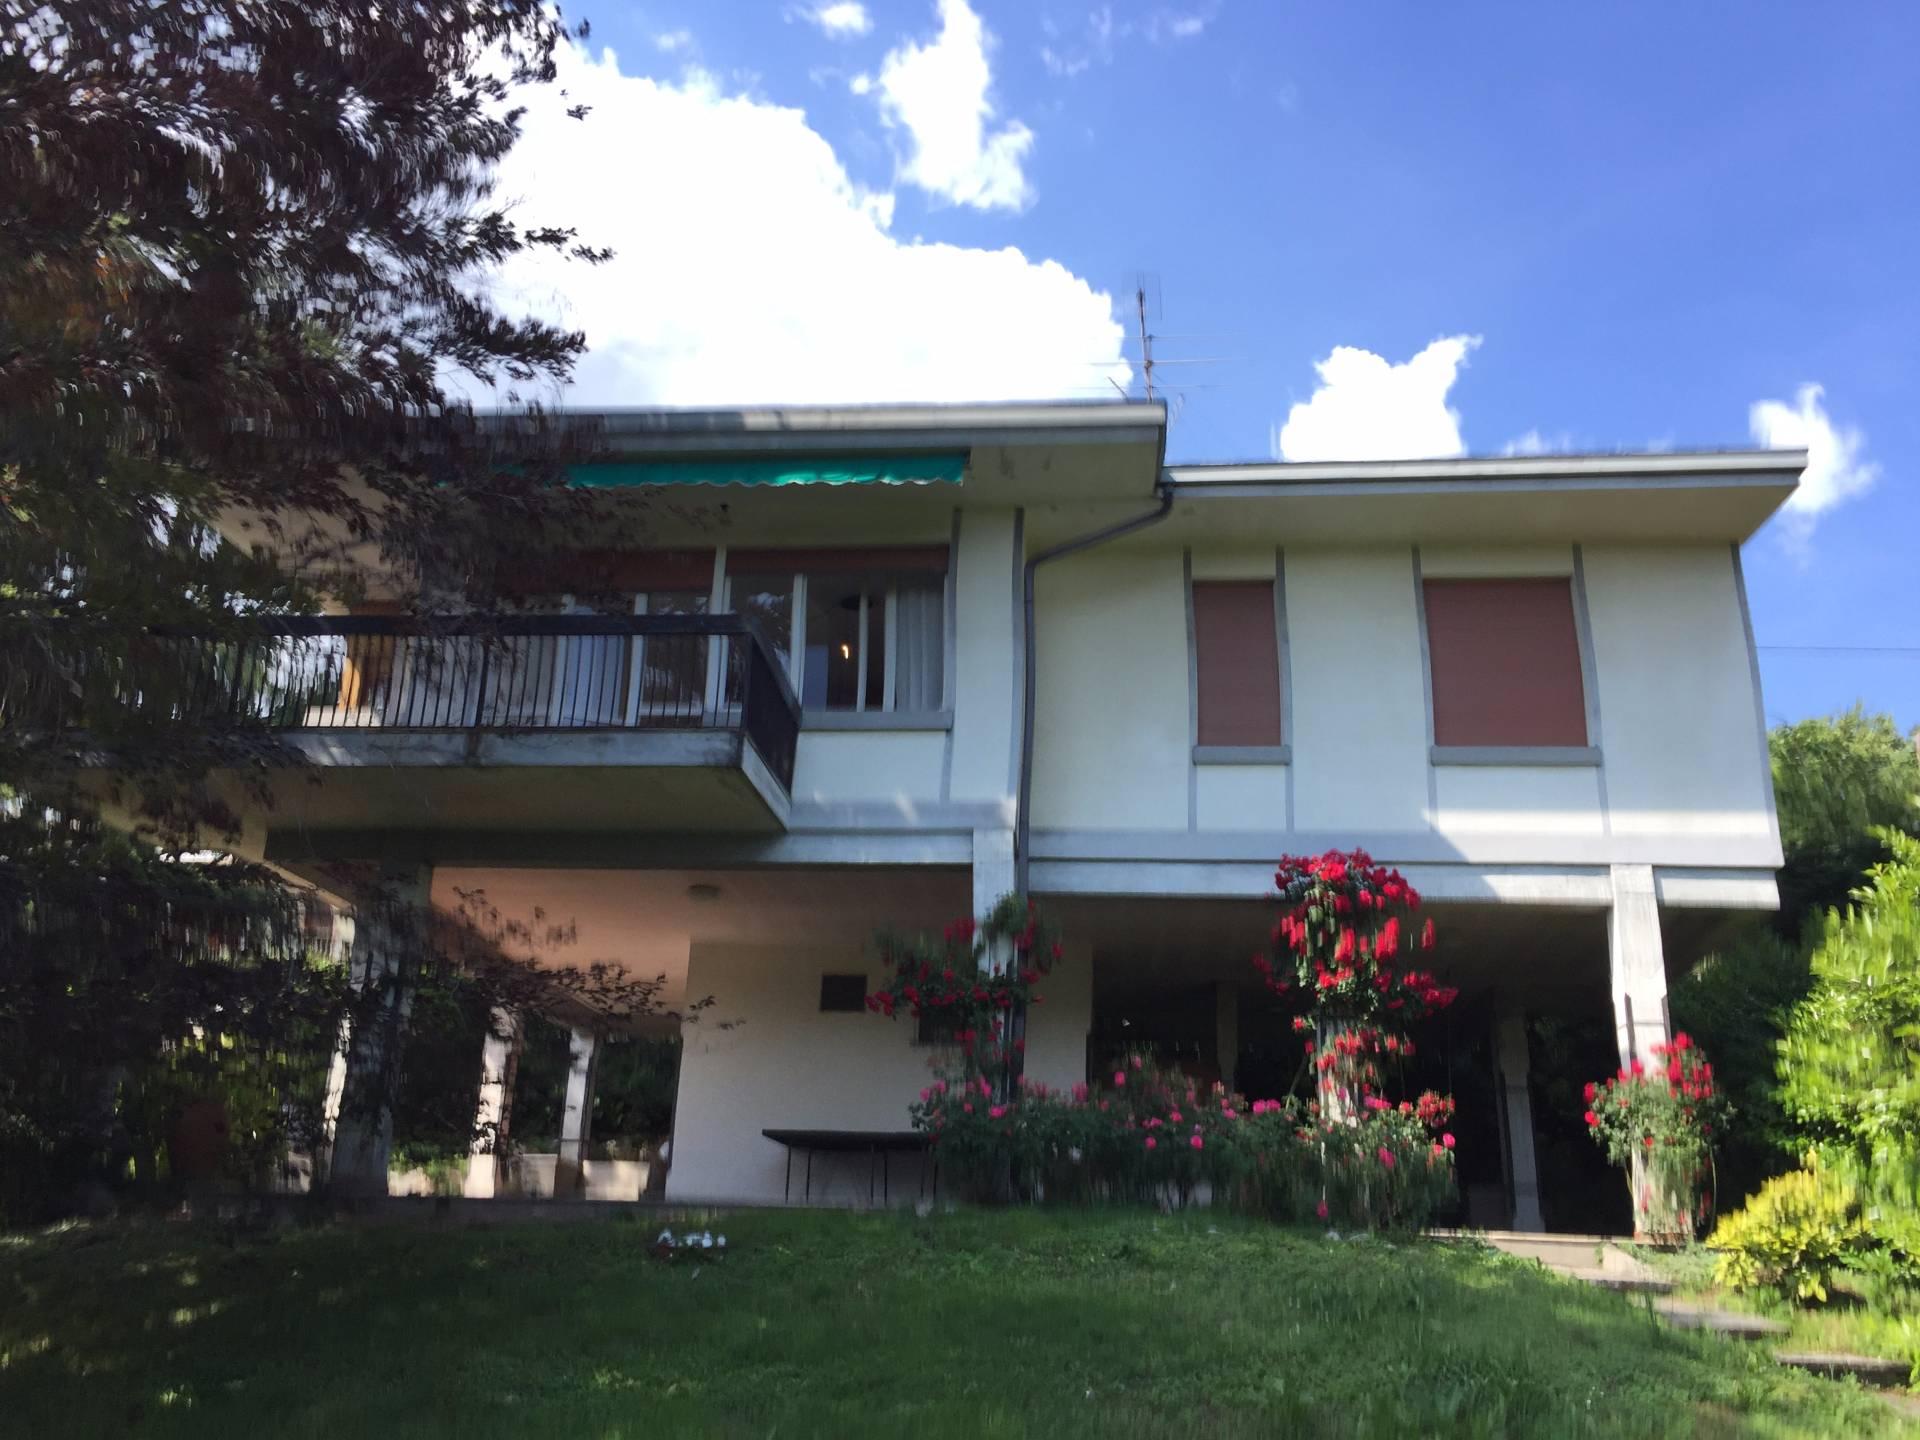 Villa in vendita a Proserpio, 10 locali, prezzo € 268.000 | CambioCasa.it